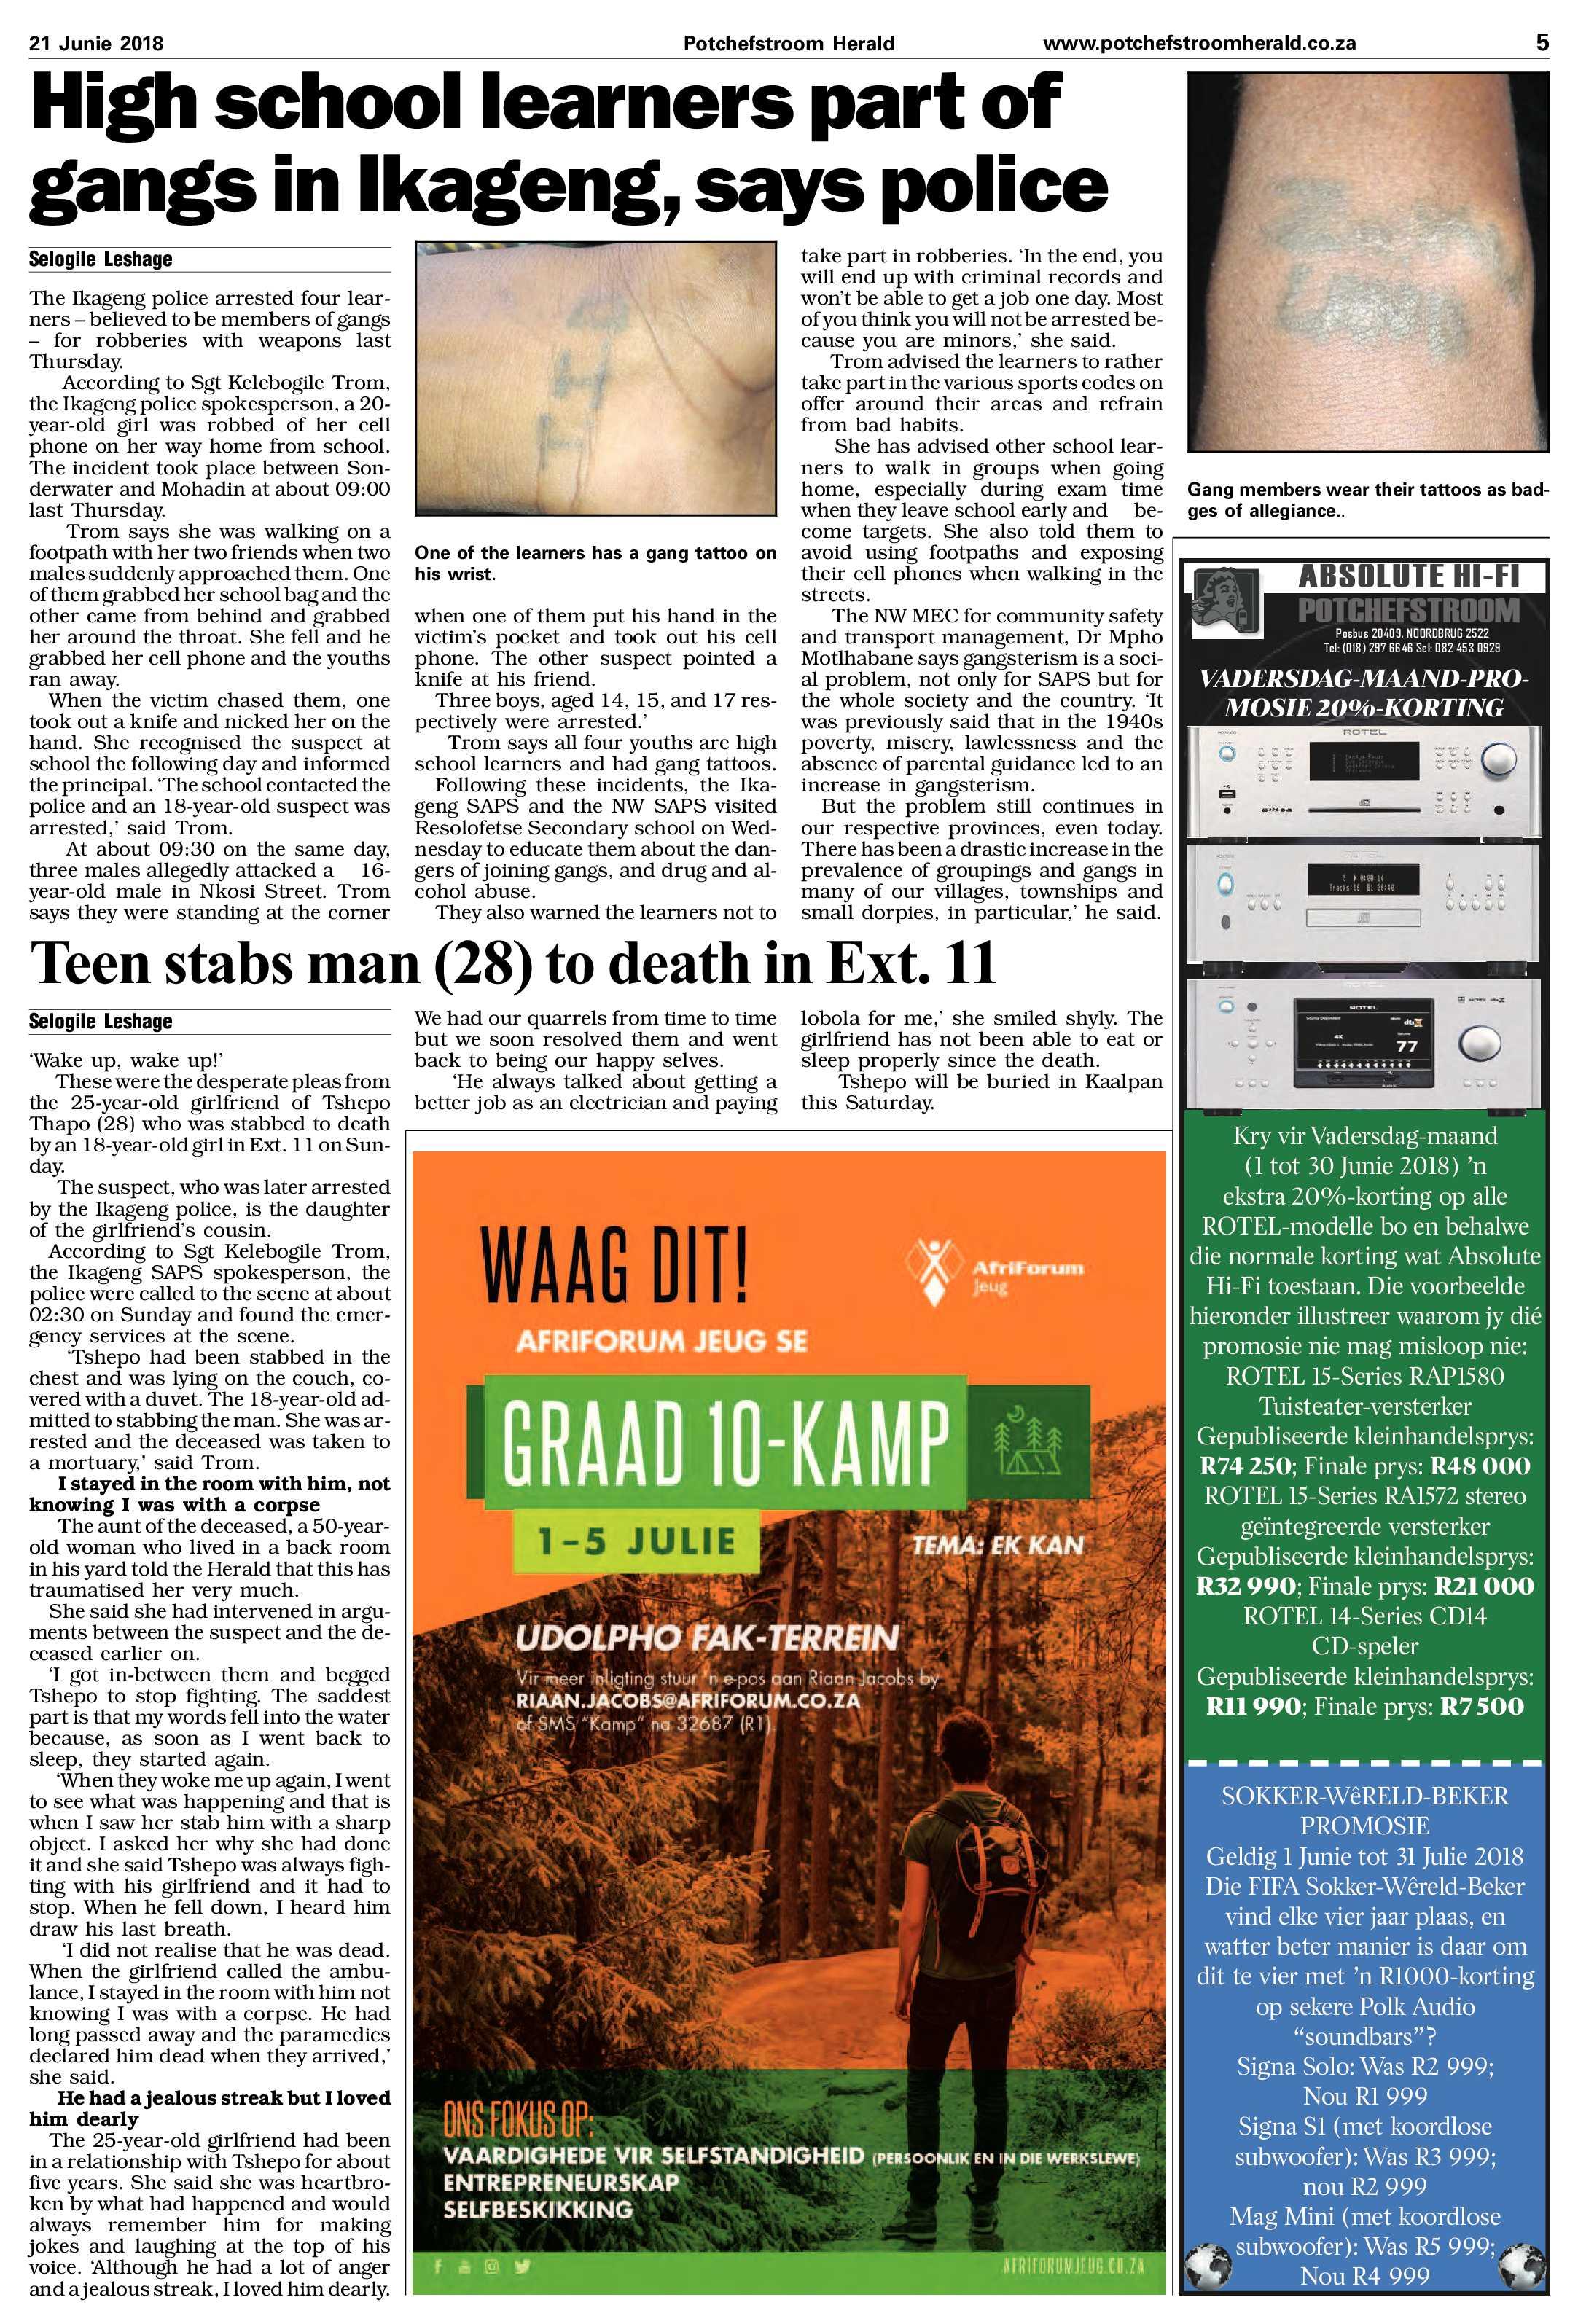 21-junie-2018-epapers-page-5